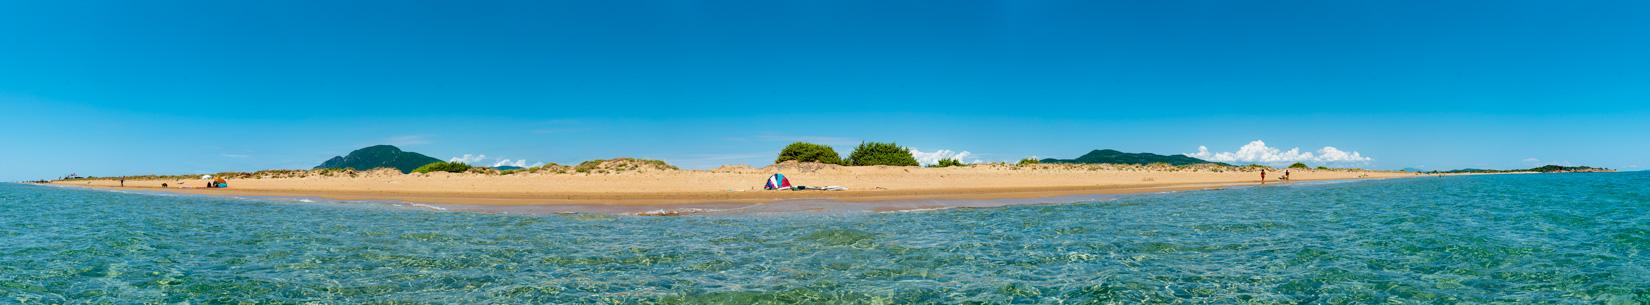 Chalikunas má příjemný, pozvolný vstup do moře